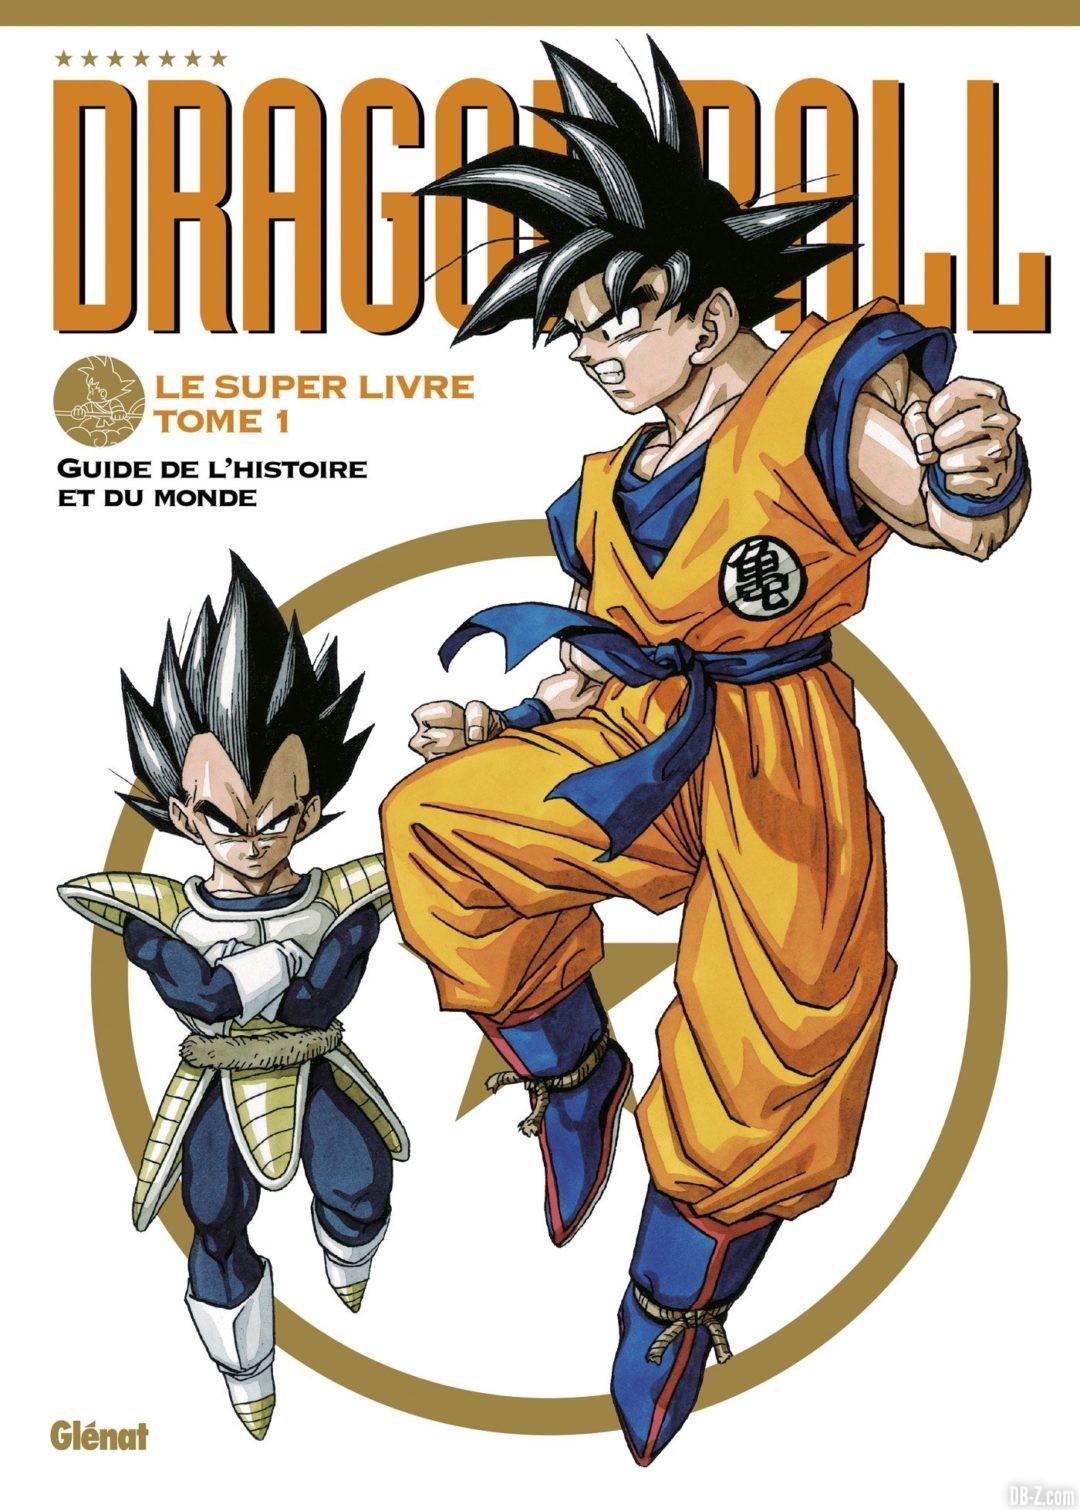 Dragon Ball Le Super Livre Tome 1 Guide de lHistoire et du Monde Chozetsu 1 VF